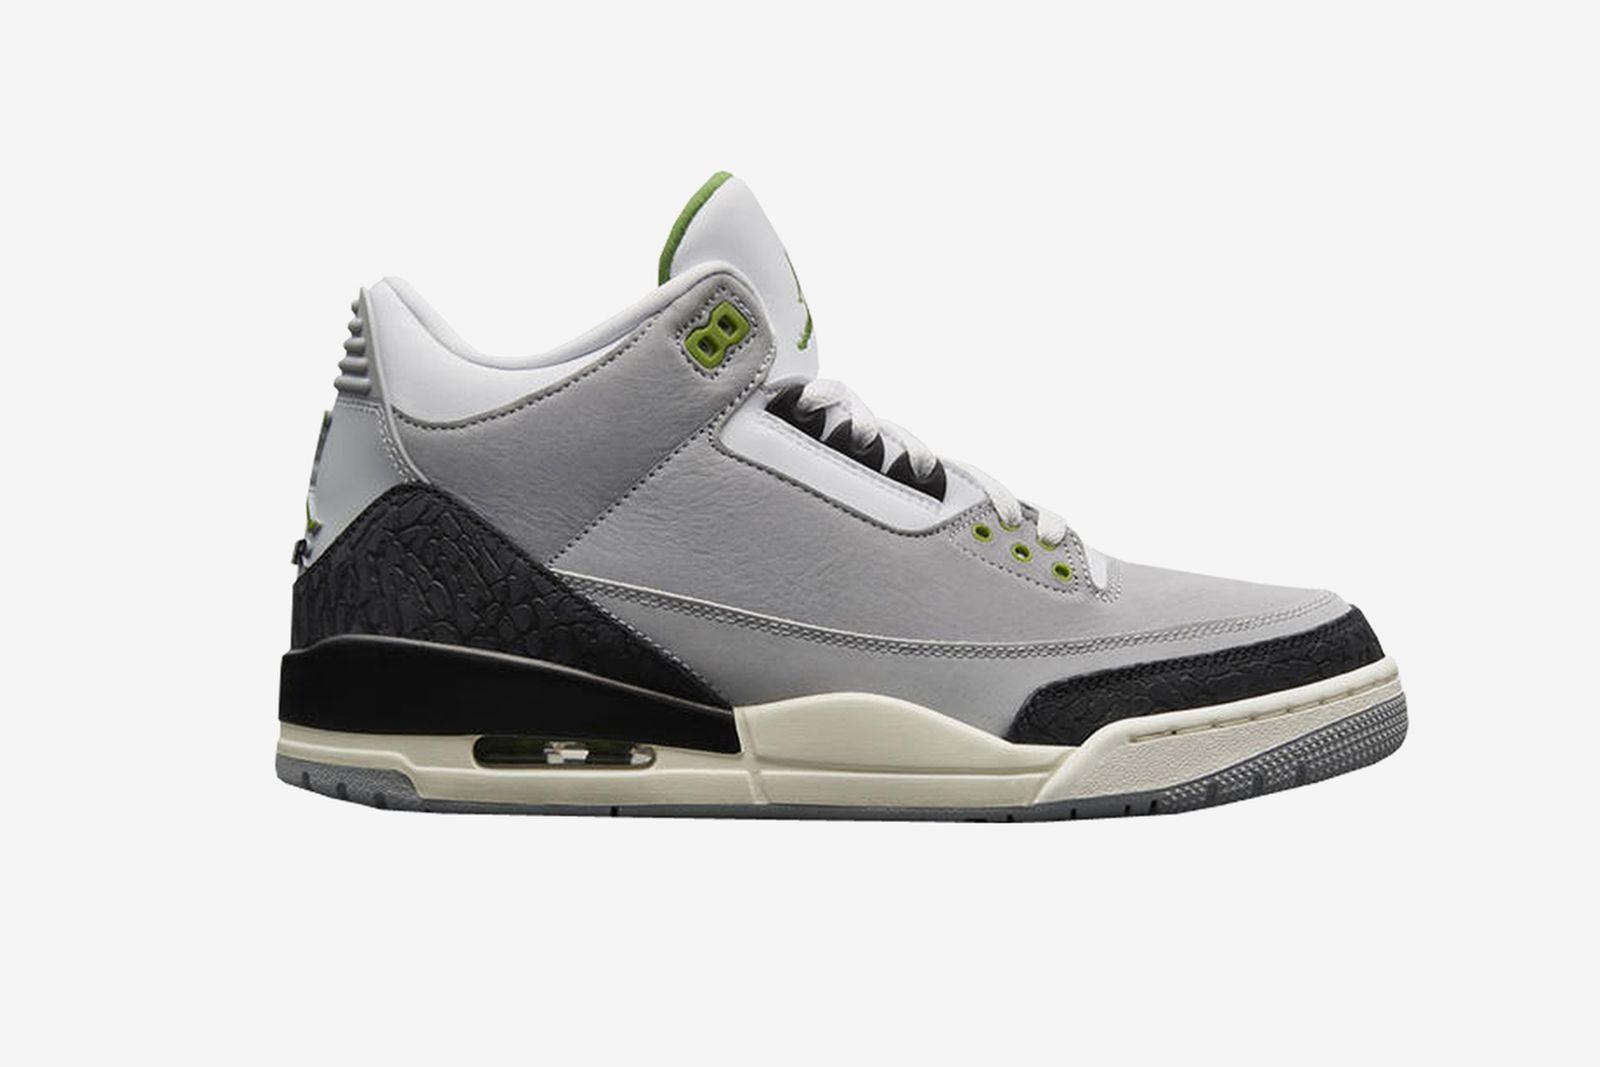 Here's What the Air Jordan 3